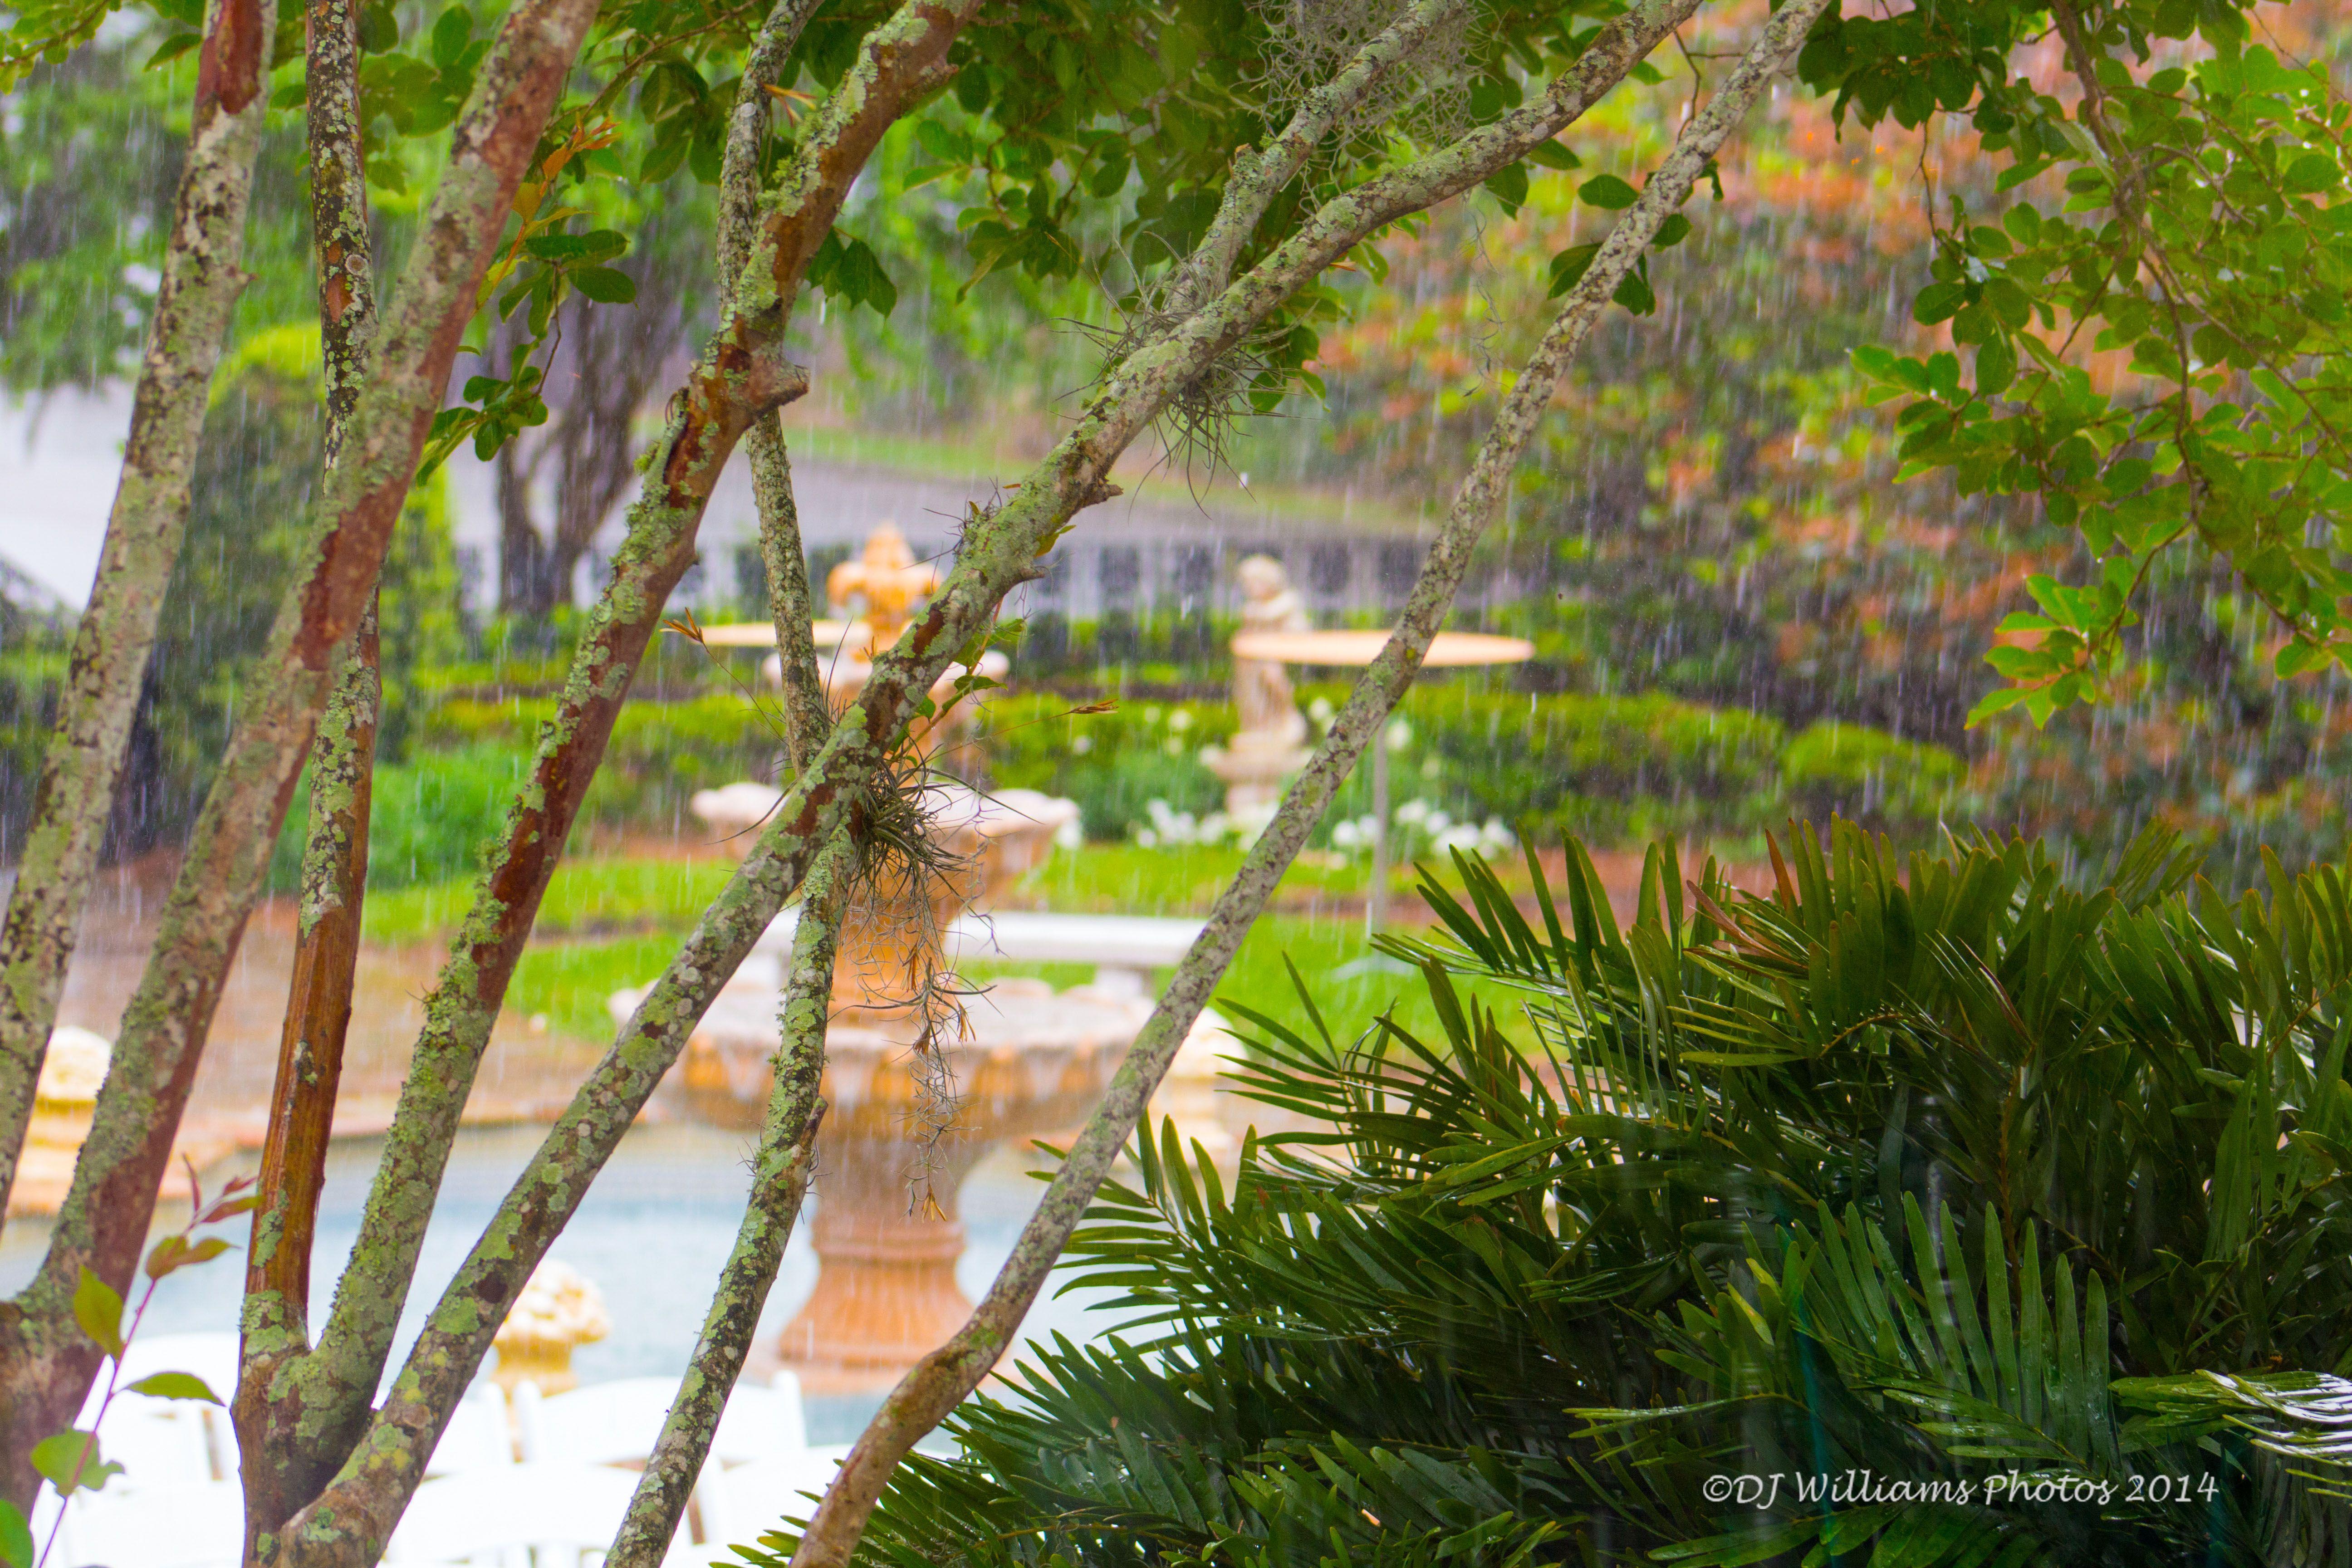 Taken at the Garden Club in Jacksonville, FL Dj photos